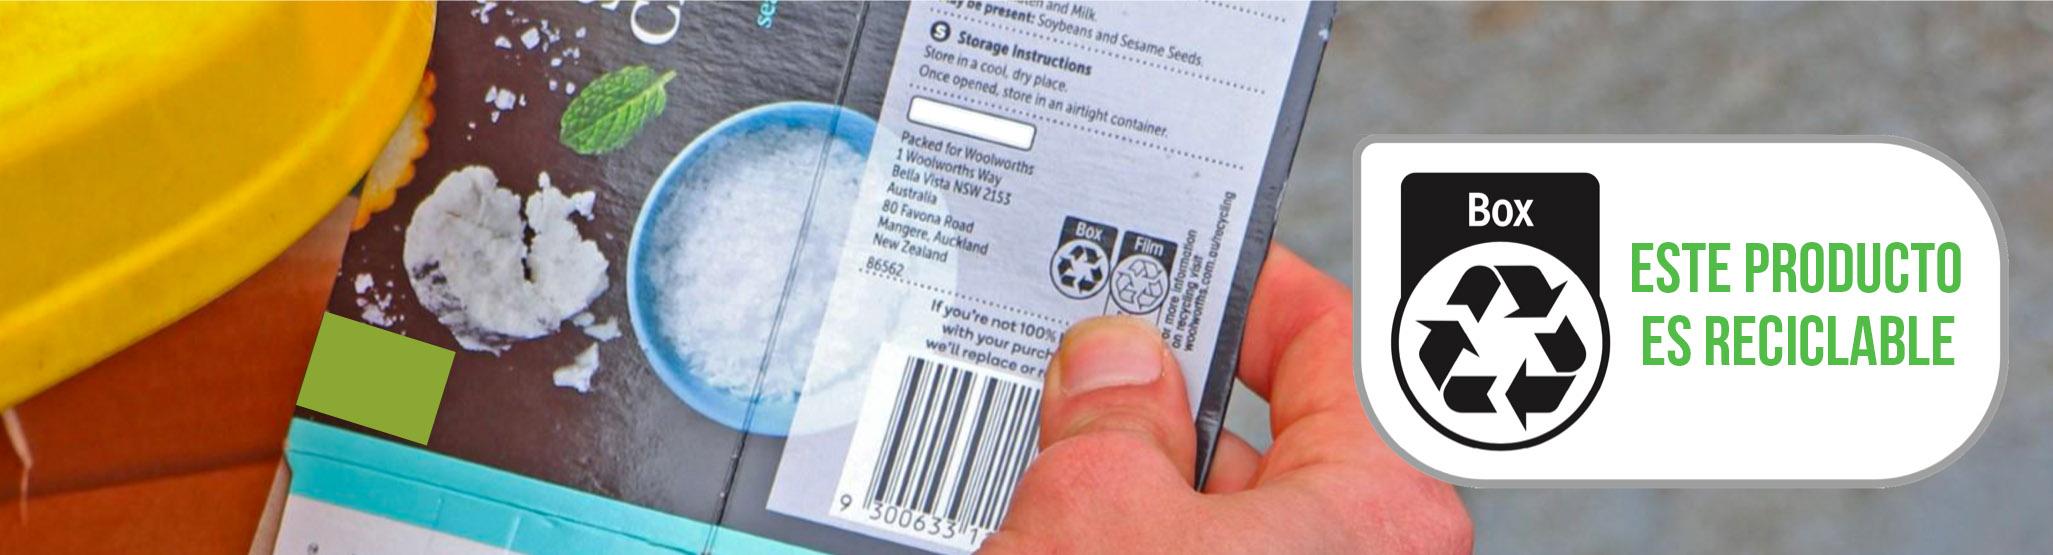 """Proyecto de ley propone """"etiquetado verde"""" para incentivar el reciclaje"""